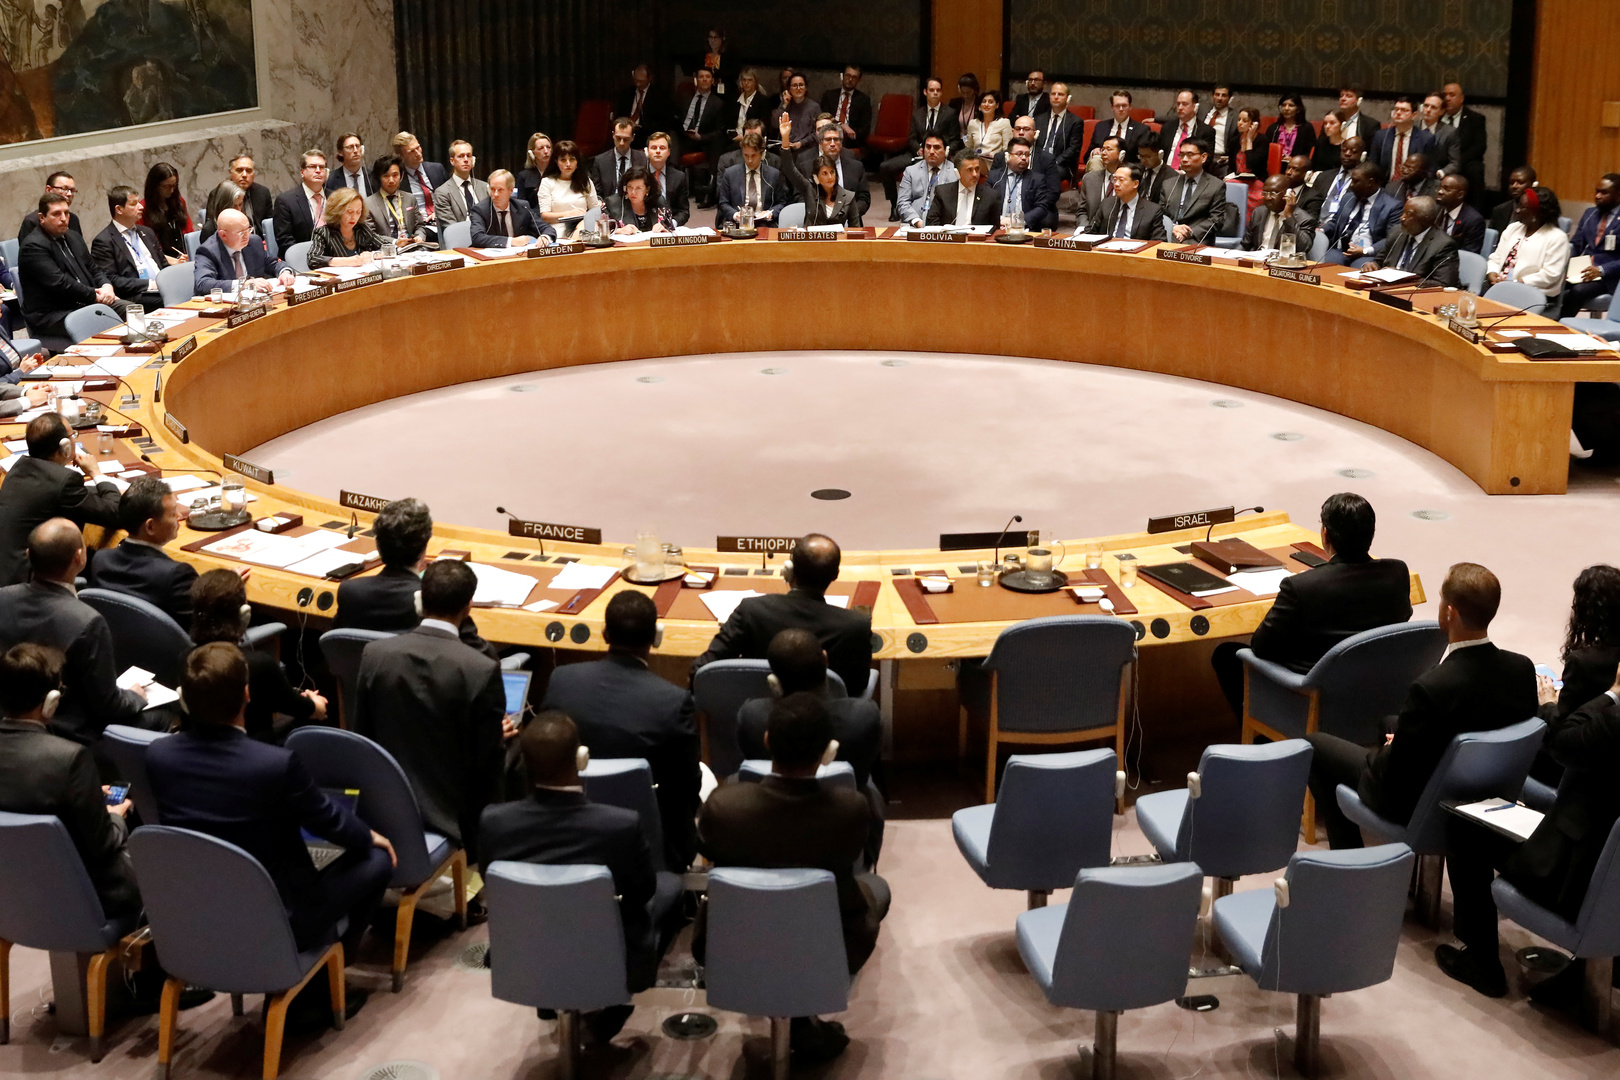 تونس تستعد لتسلم مقعدها في مجلس الأمن ممثلة للعرب